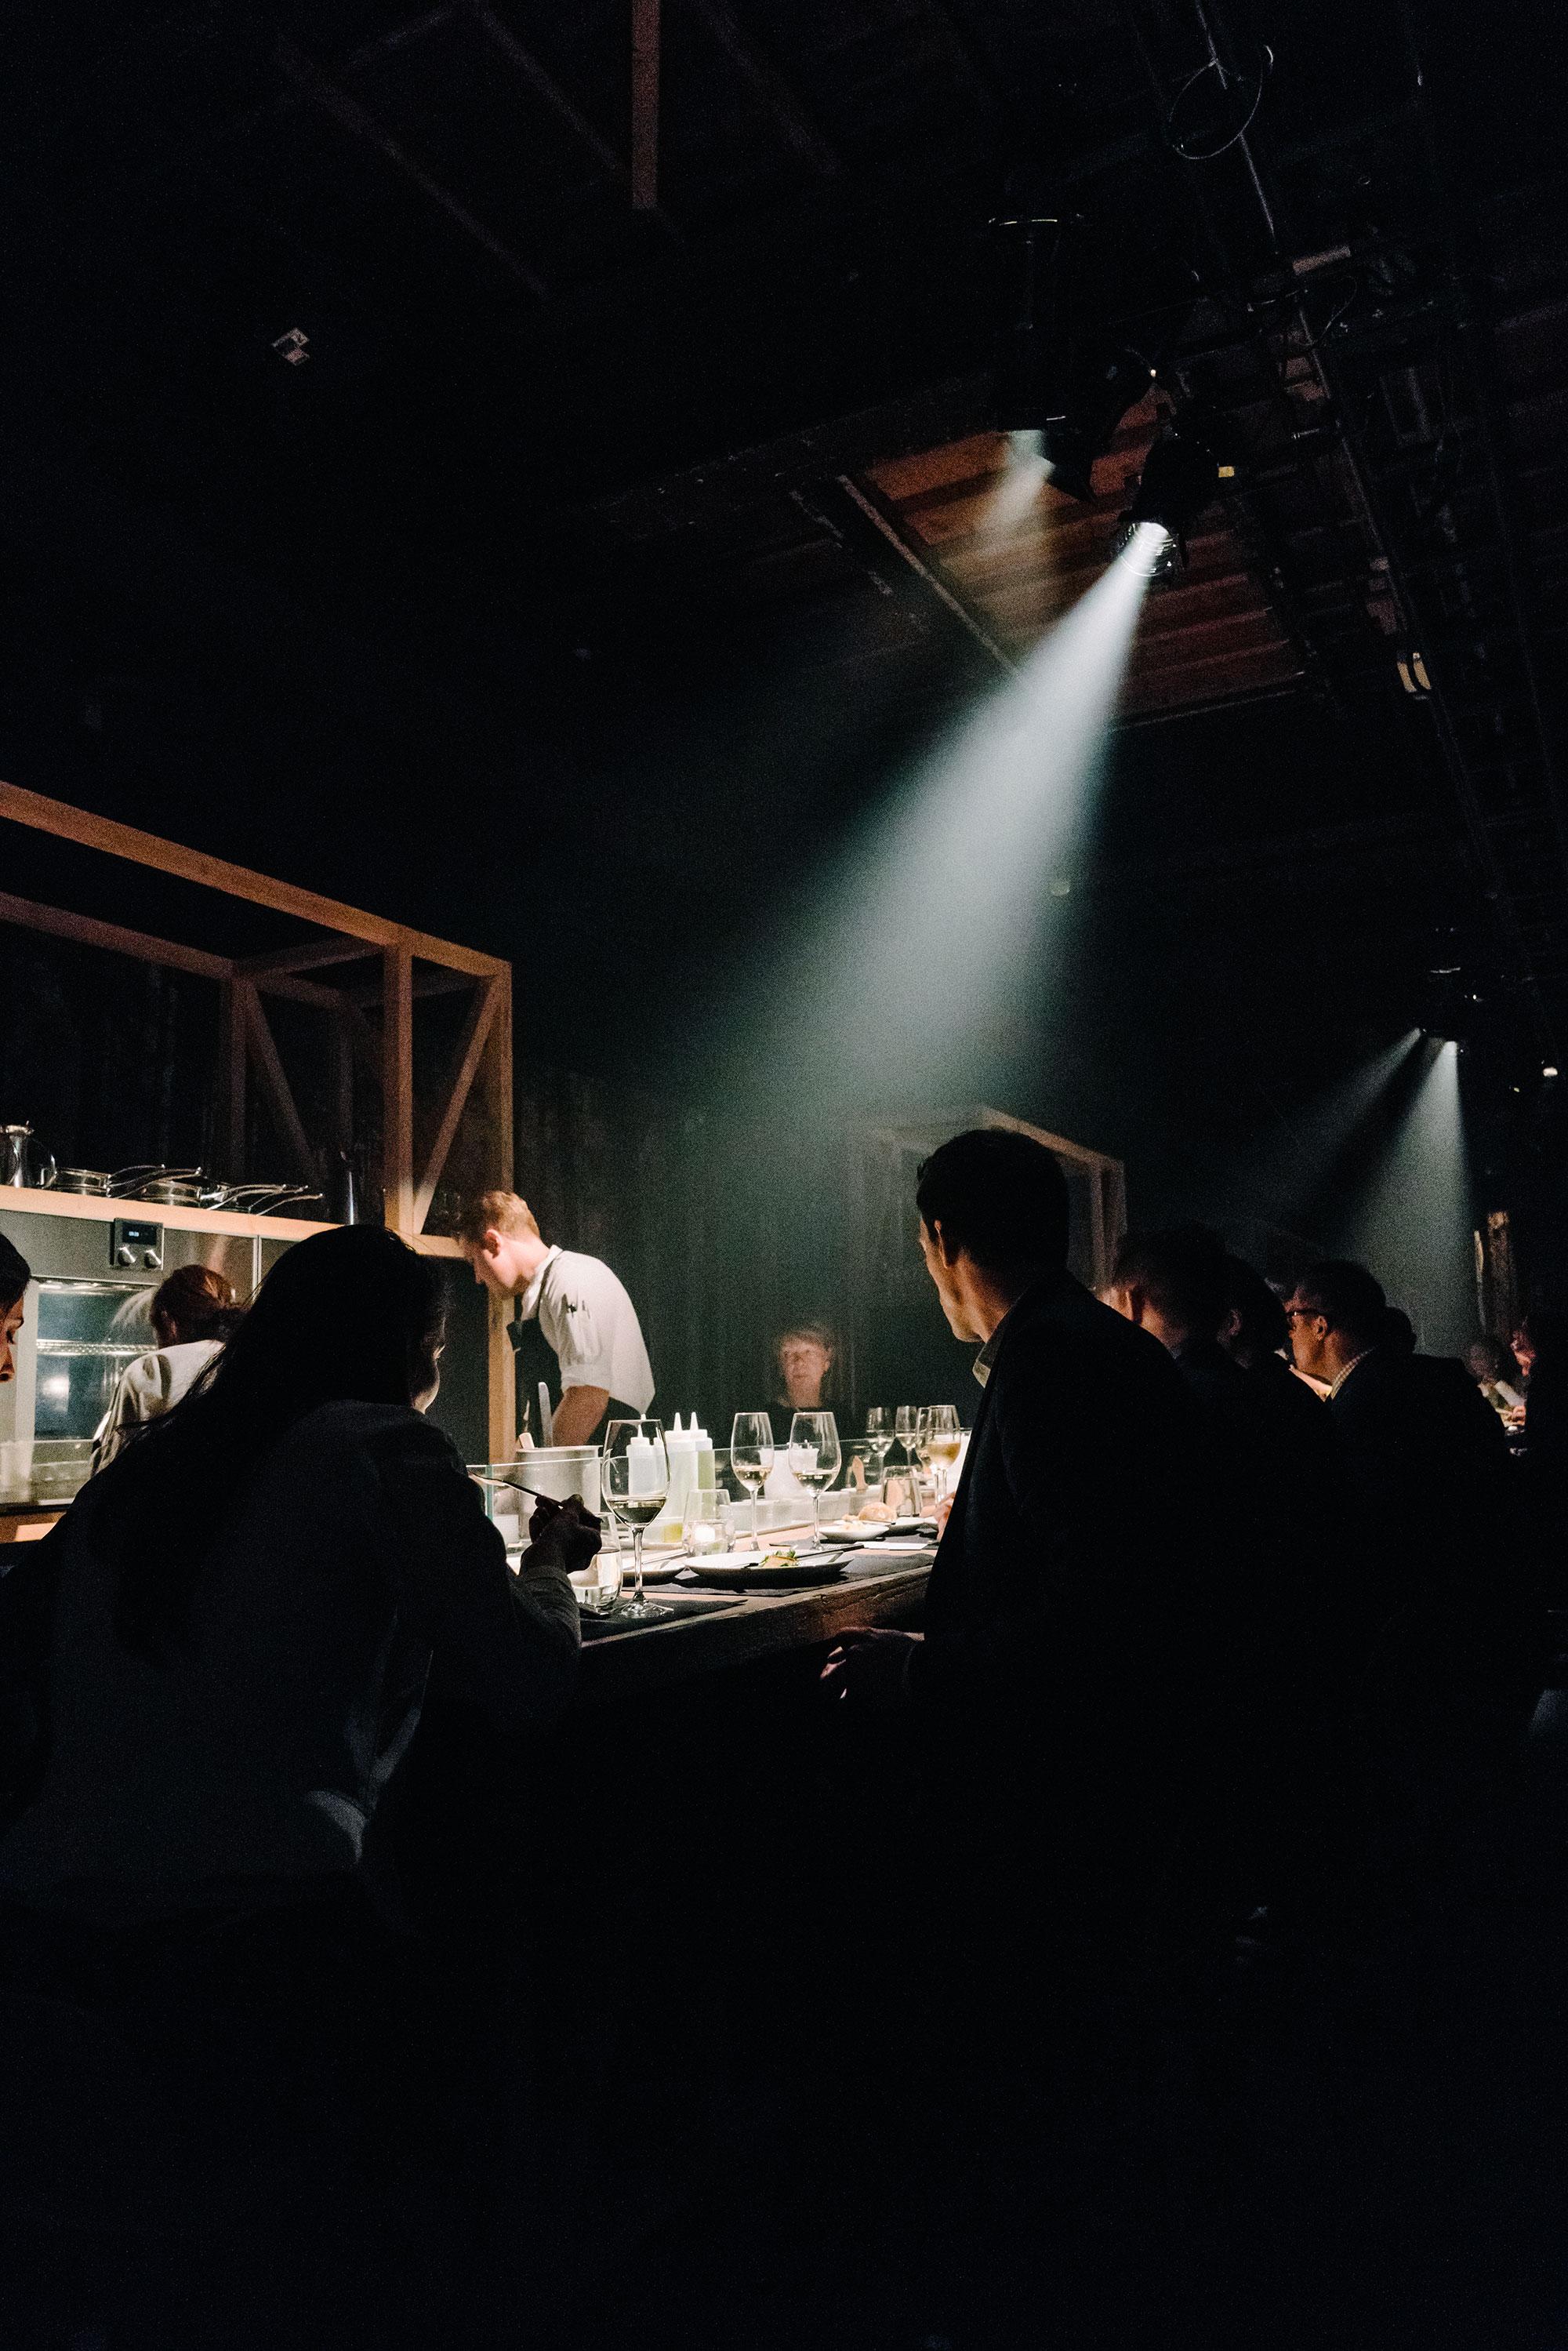 Gaggenau Restaurant 1683 Dinner  w/ Chef Daniel Humm